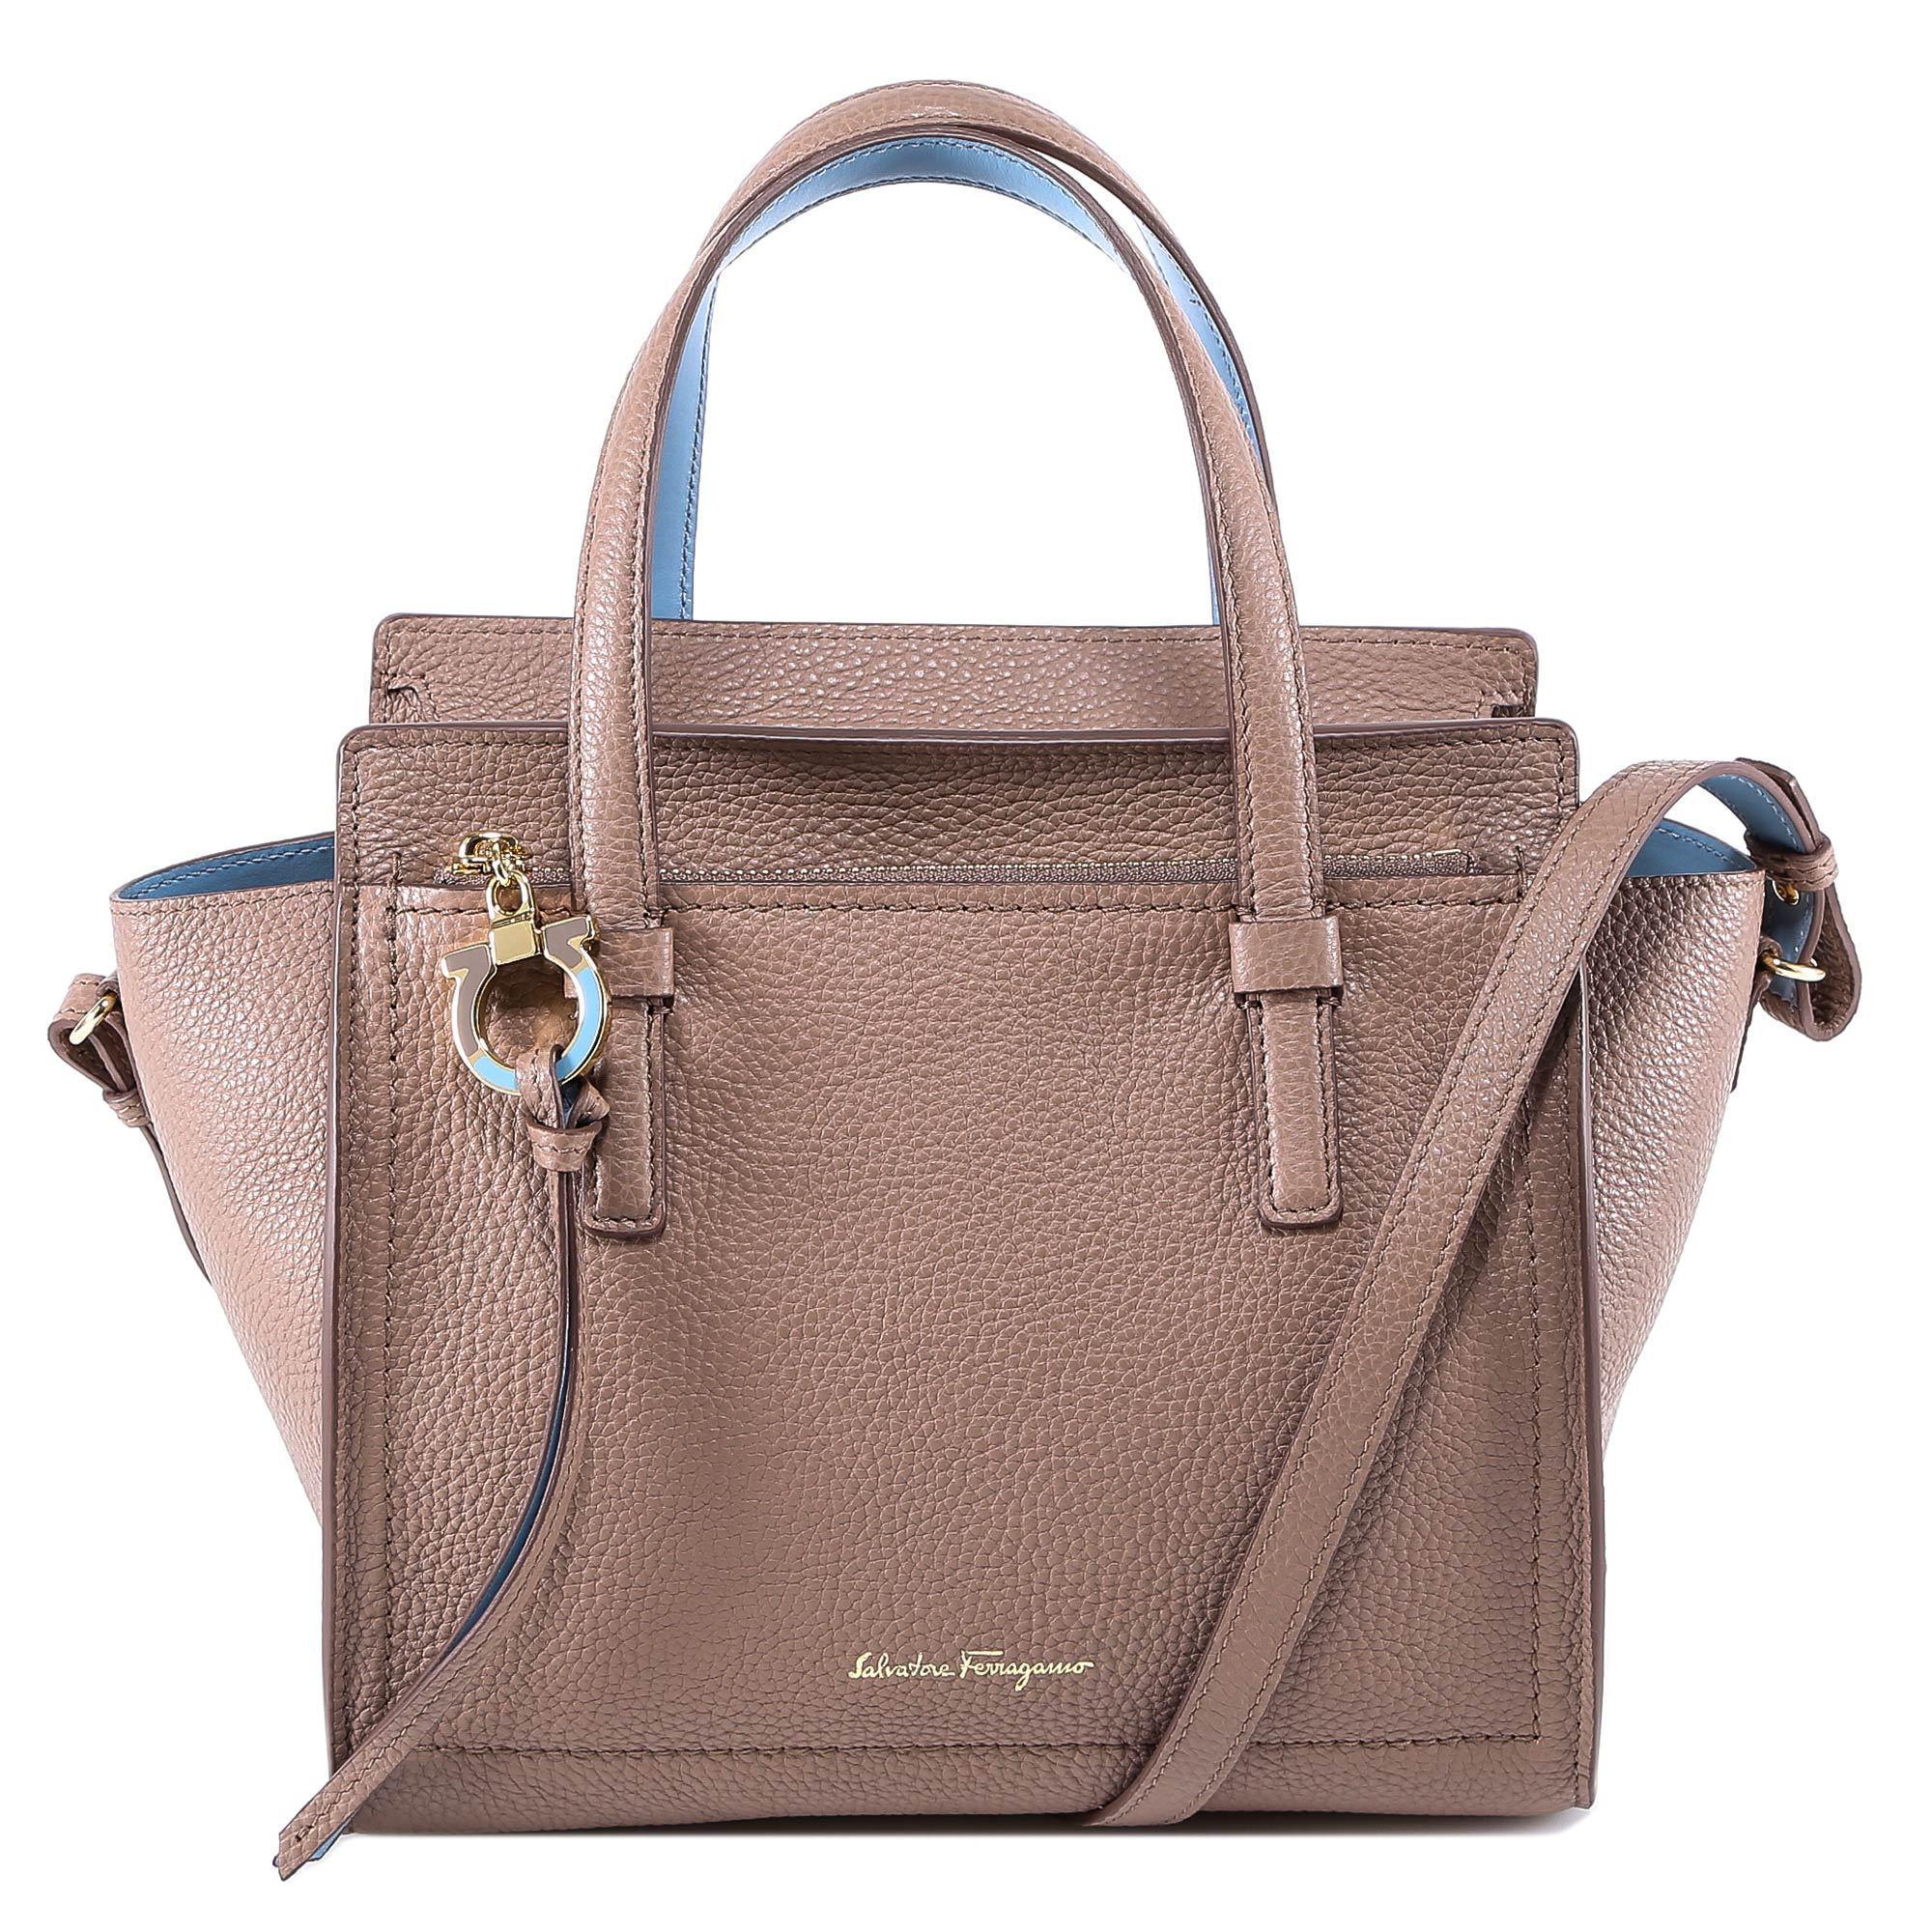 938c46adb458 Lyst - Ferragamo Amy Leather Shoulder Bag in Gray